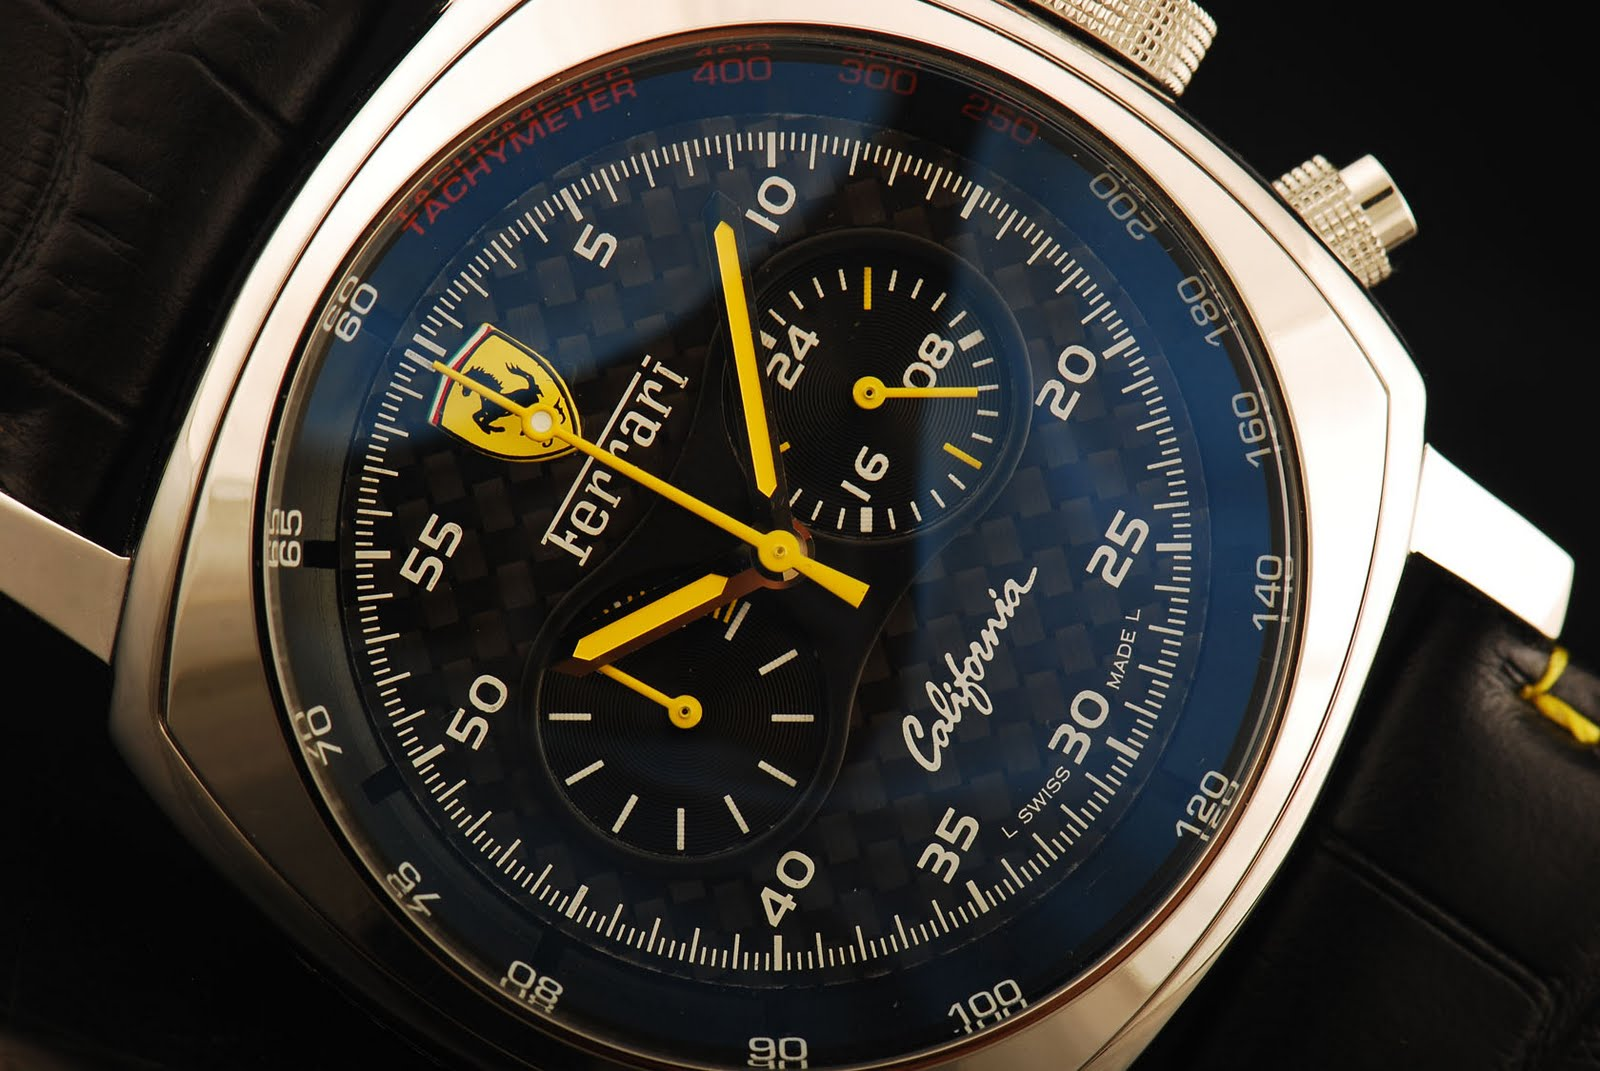 Replica Watches Panerai - cheap watches mgc-gas com